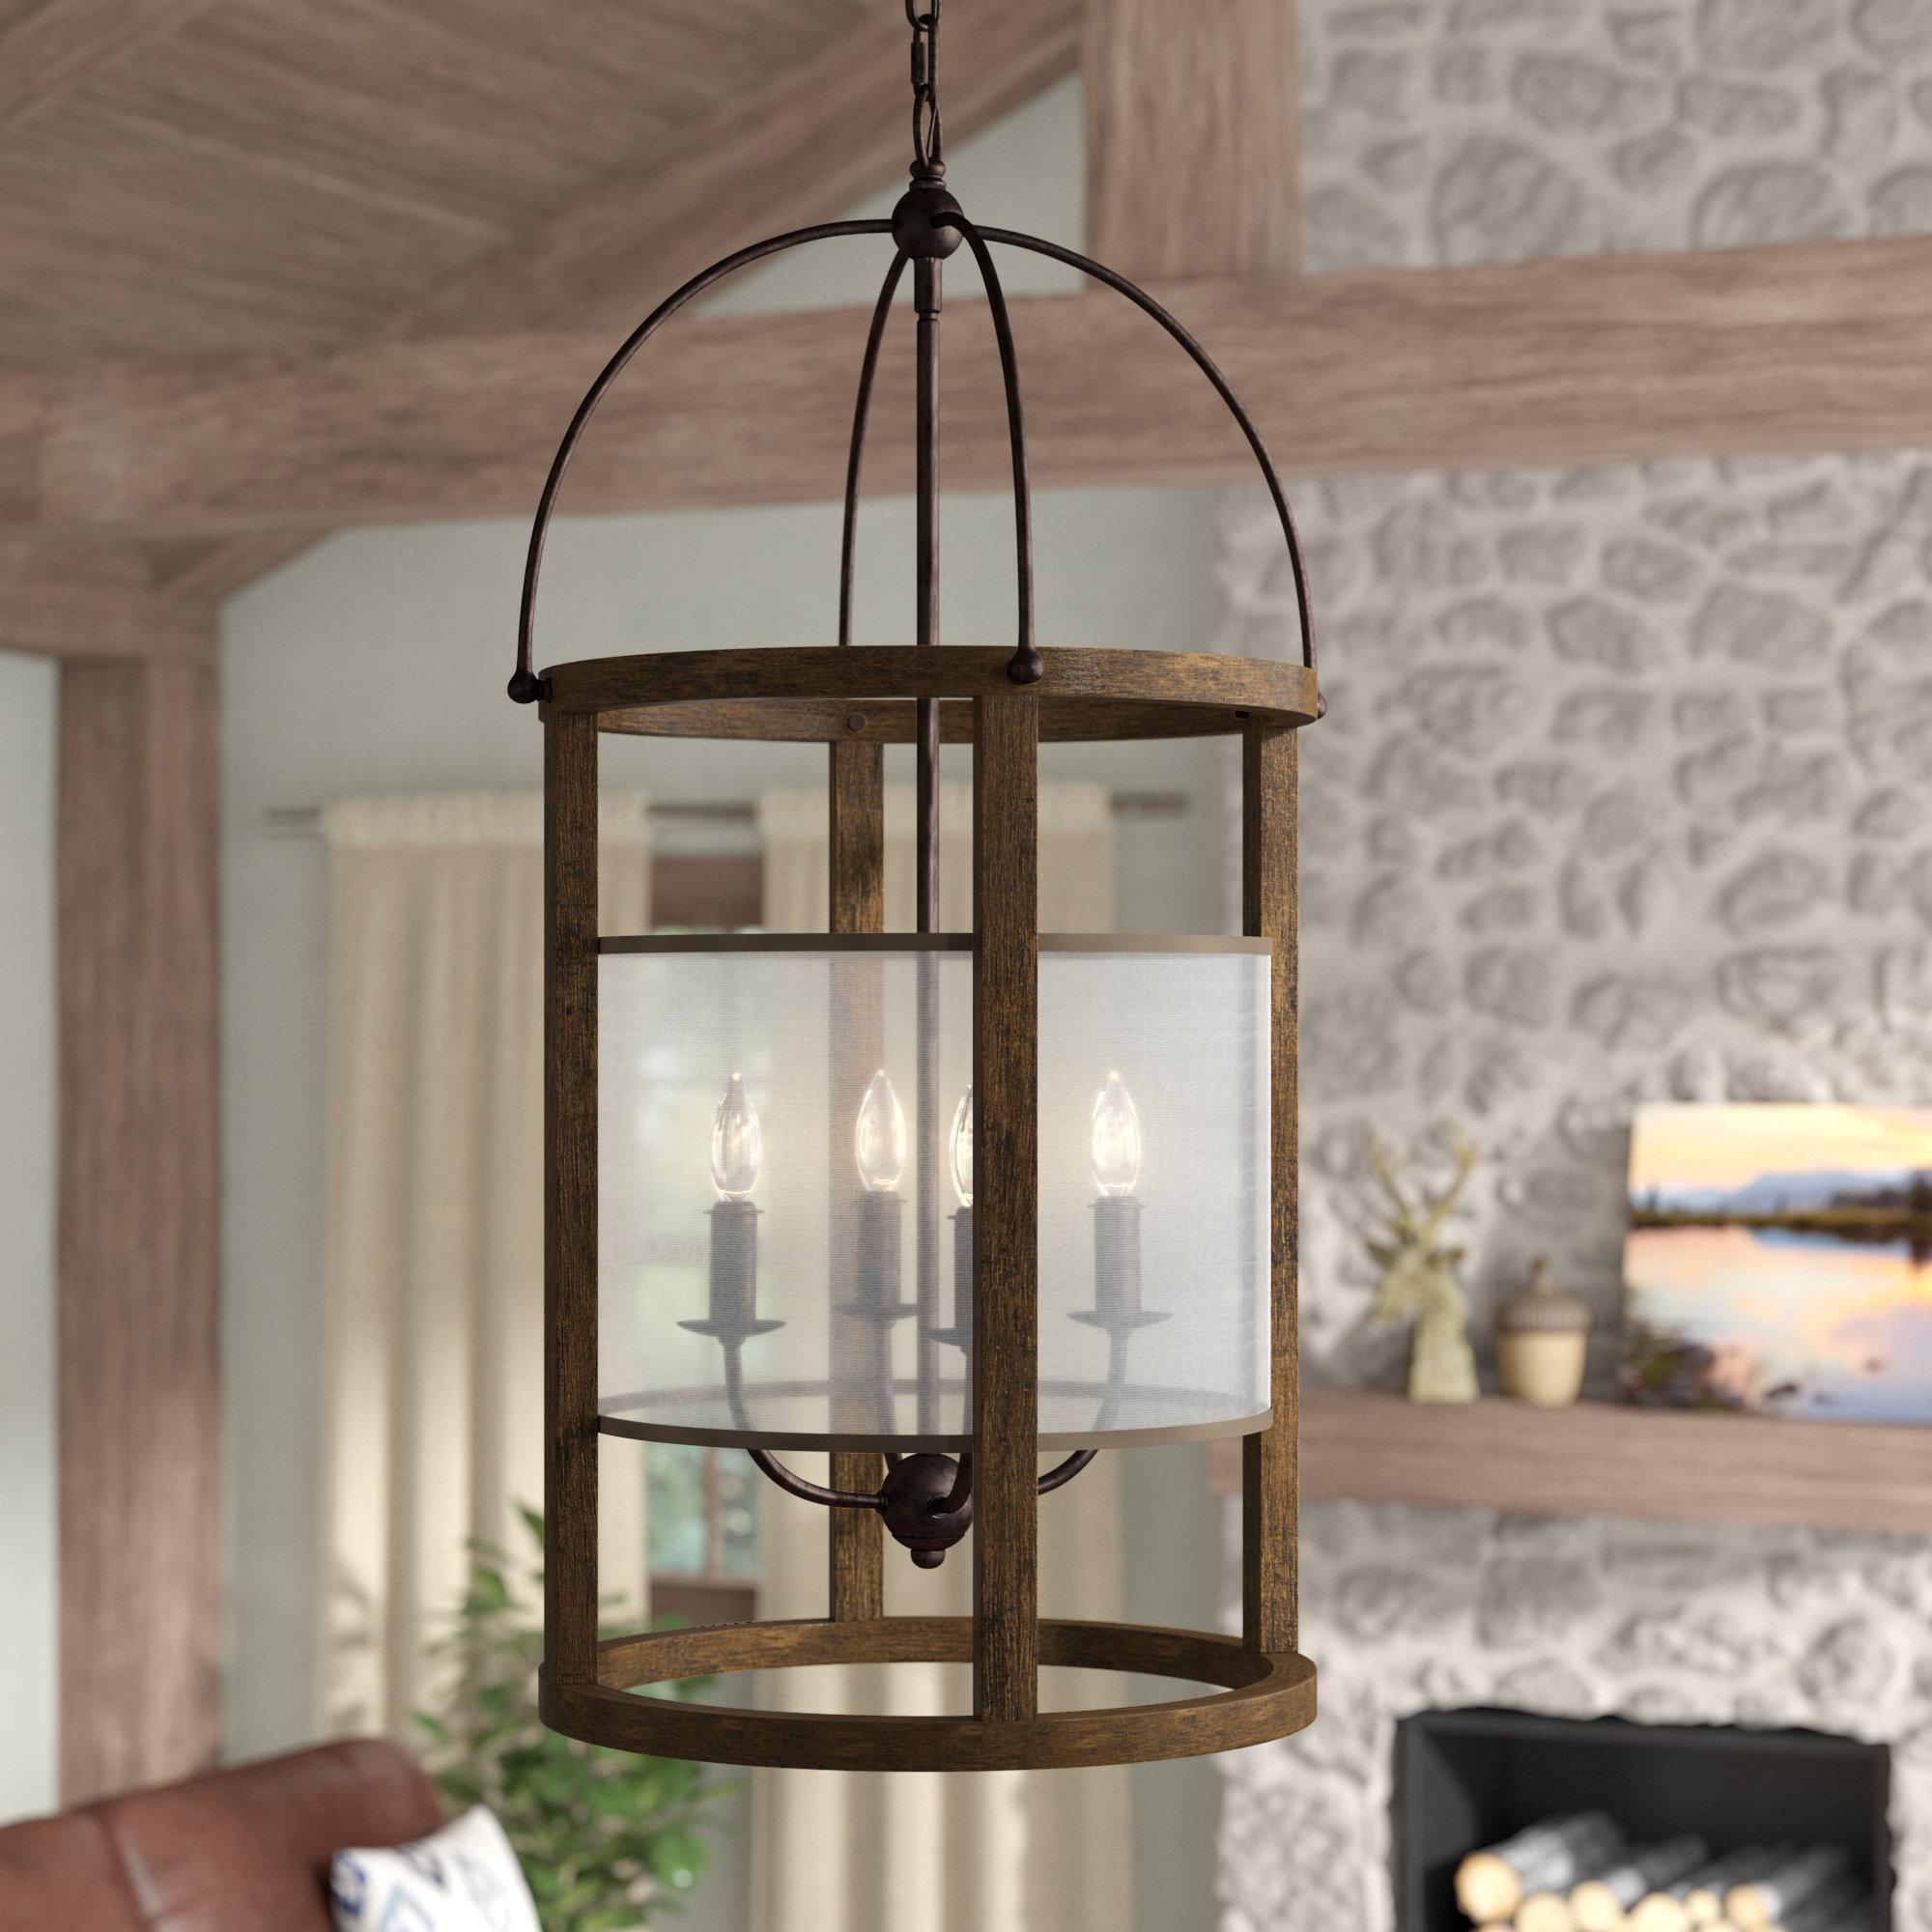 Aadhya 4 Light Lantern Pendant Within Aadhya 5 Light Drum Chandeliers (Image 1 of 30)